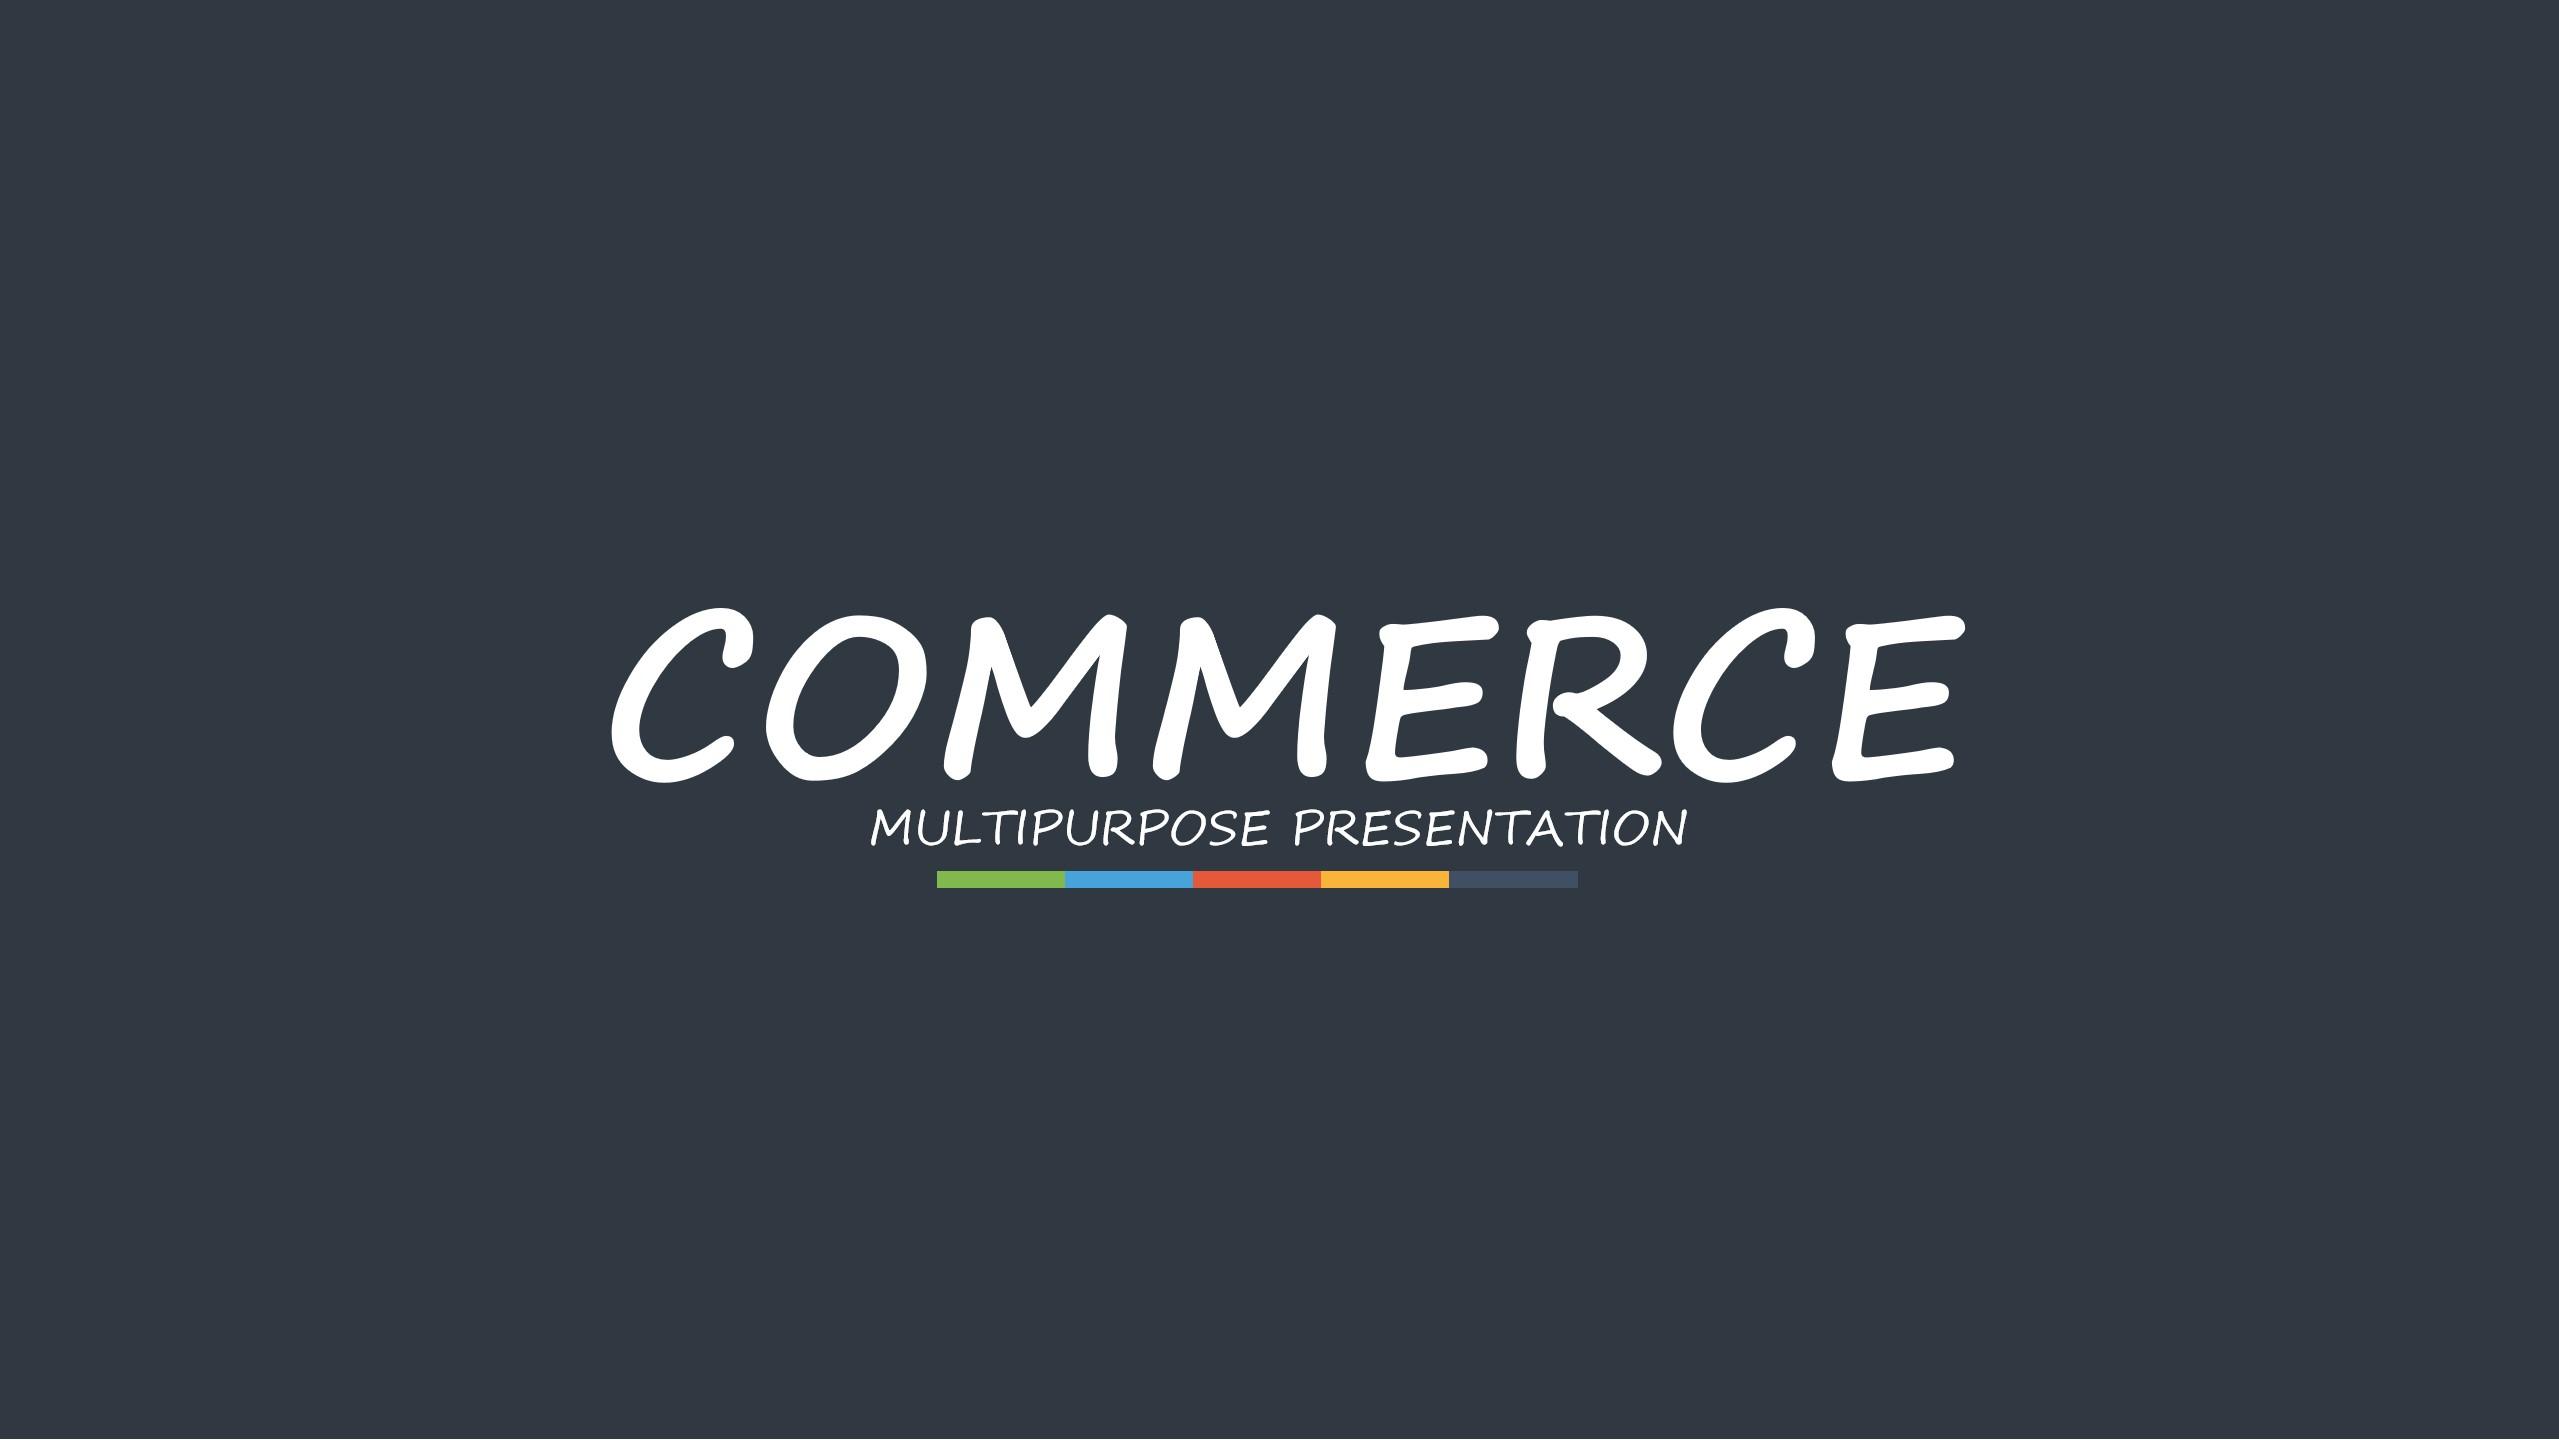 多彩扁平化国外互联网科技公司与产品介绍PPT模板